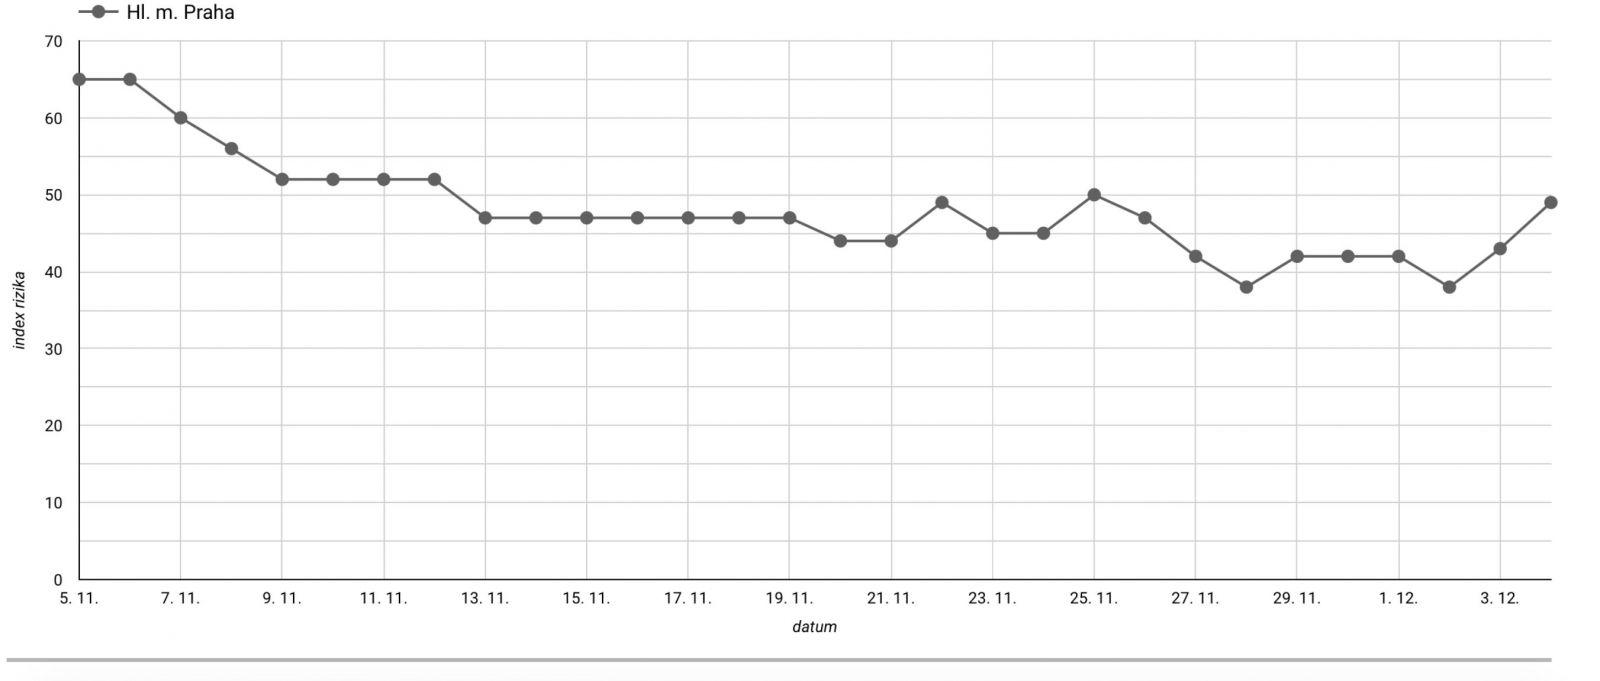 Reprodukční číslo R roste, s ním také index rizika